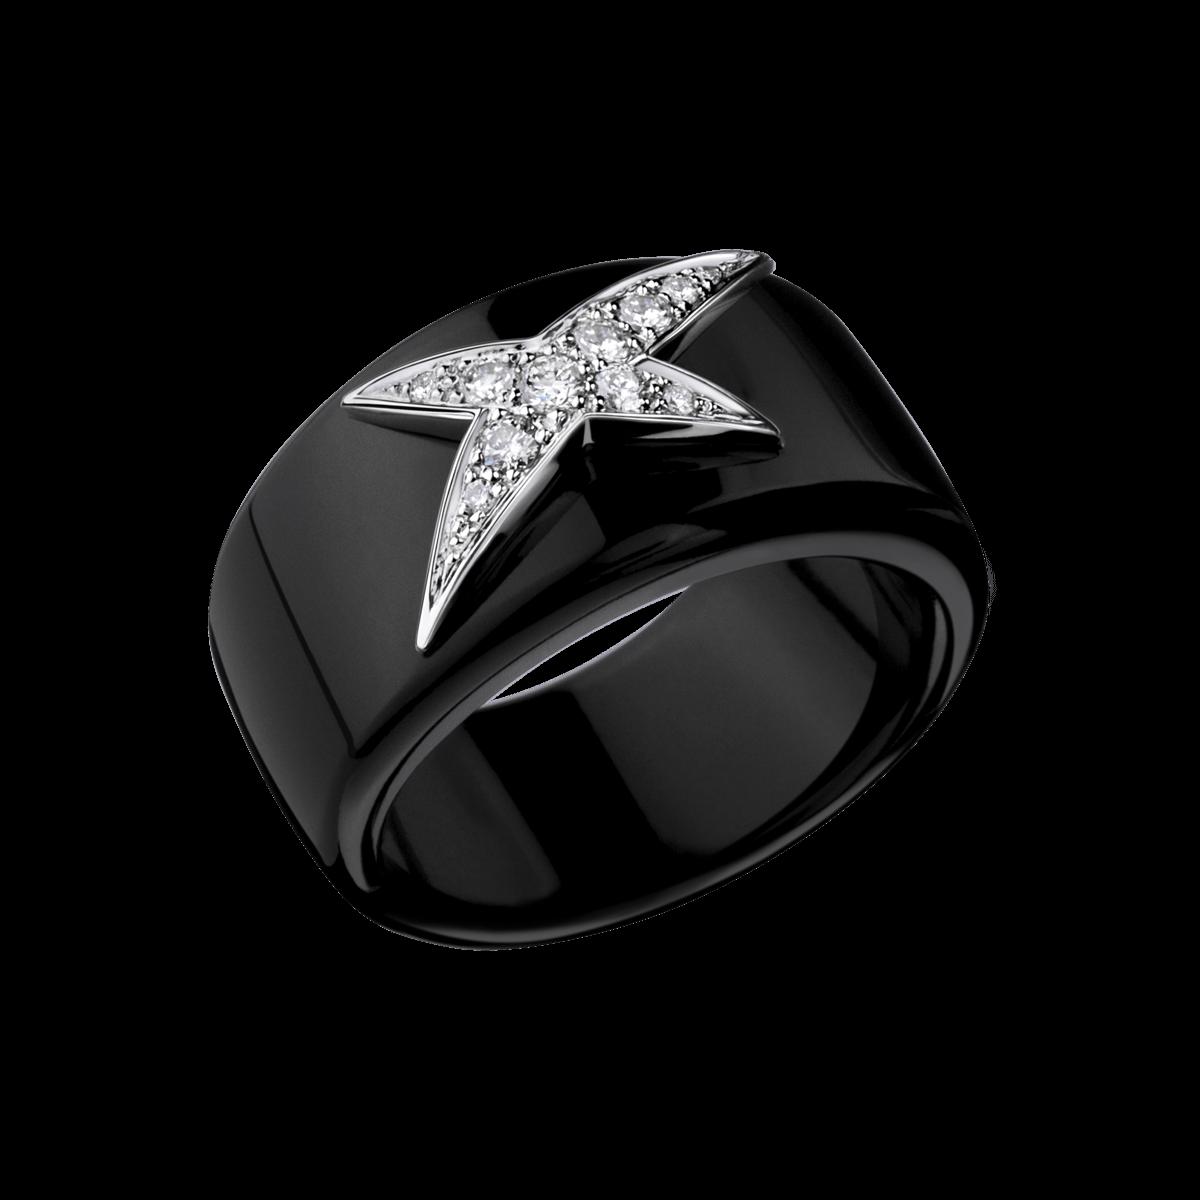 bague ceramique noir diamant femme bijoux la mode. Black Bedroom Furniture Sets. Home Design Ideas